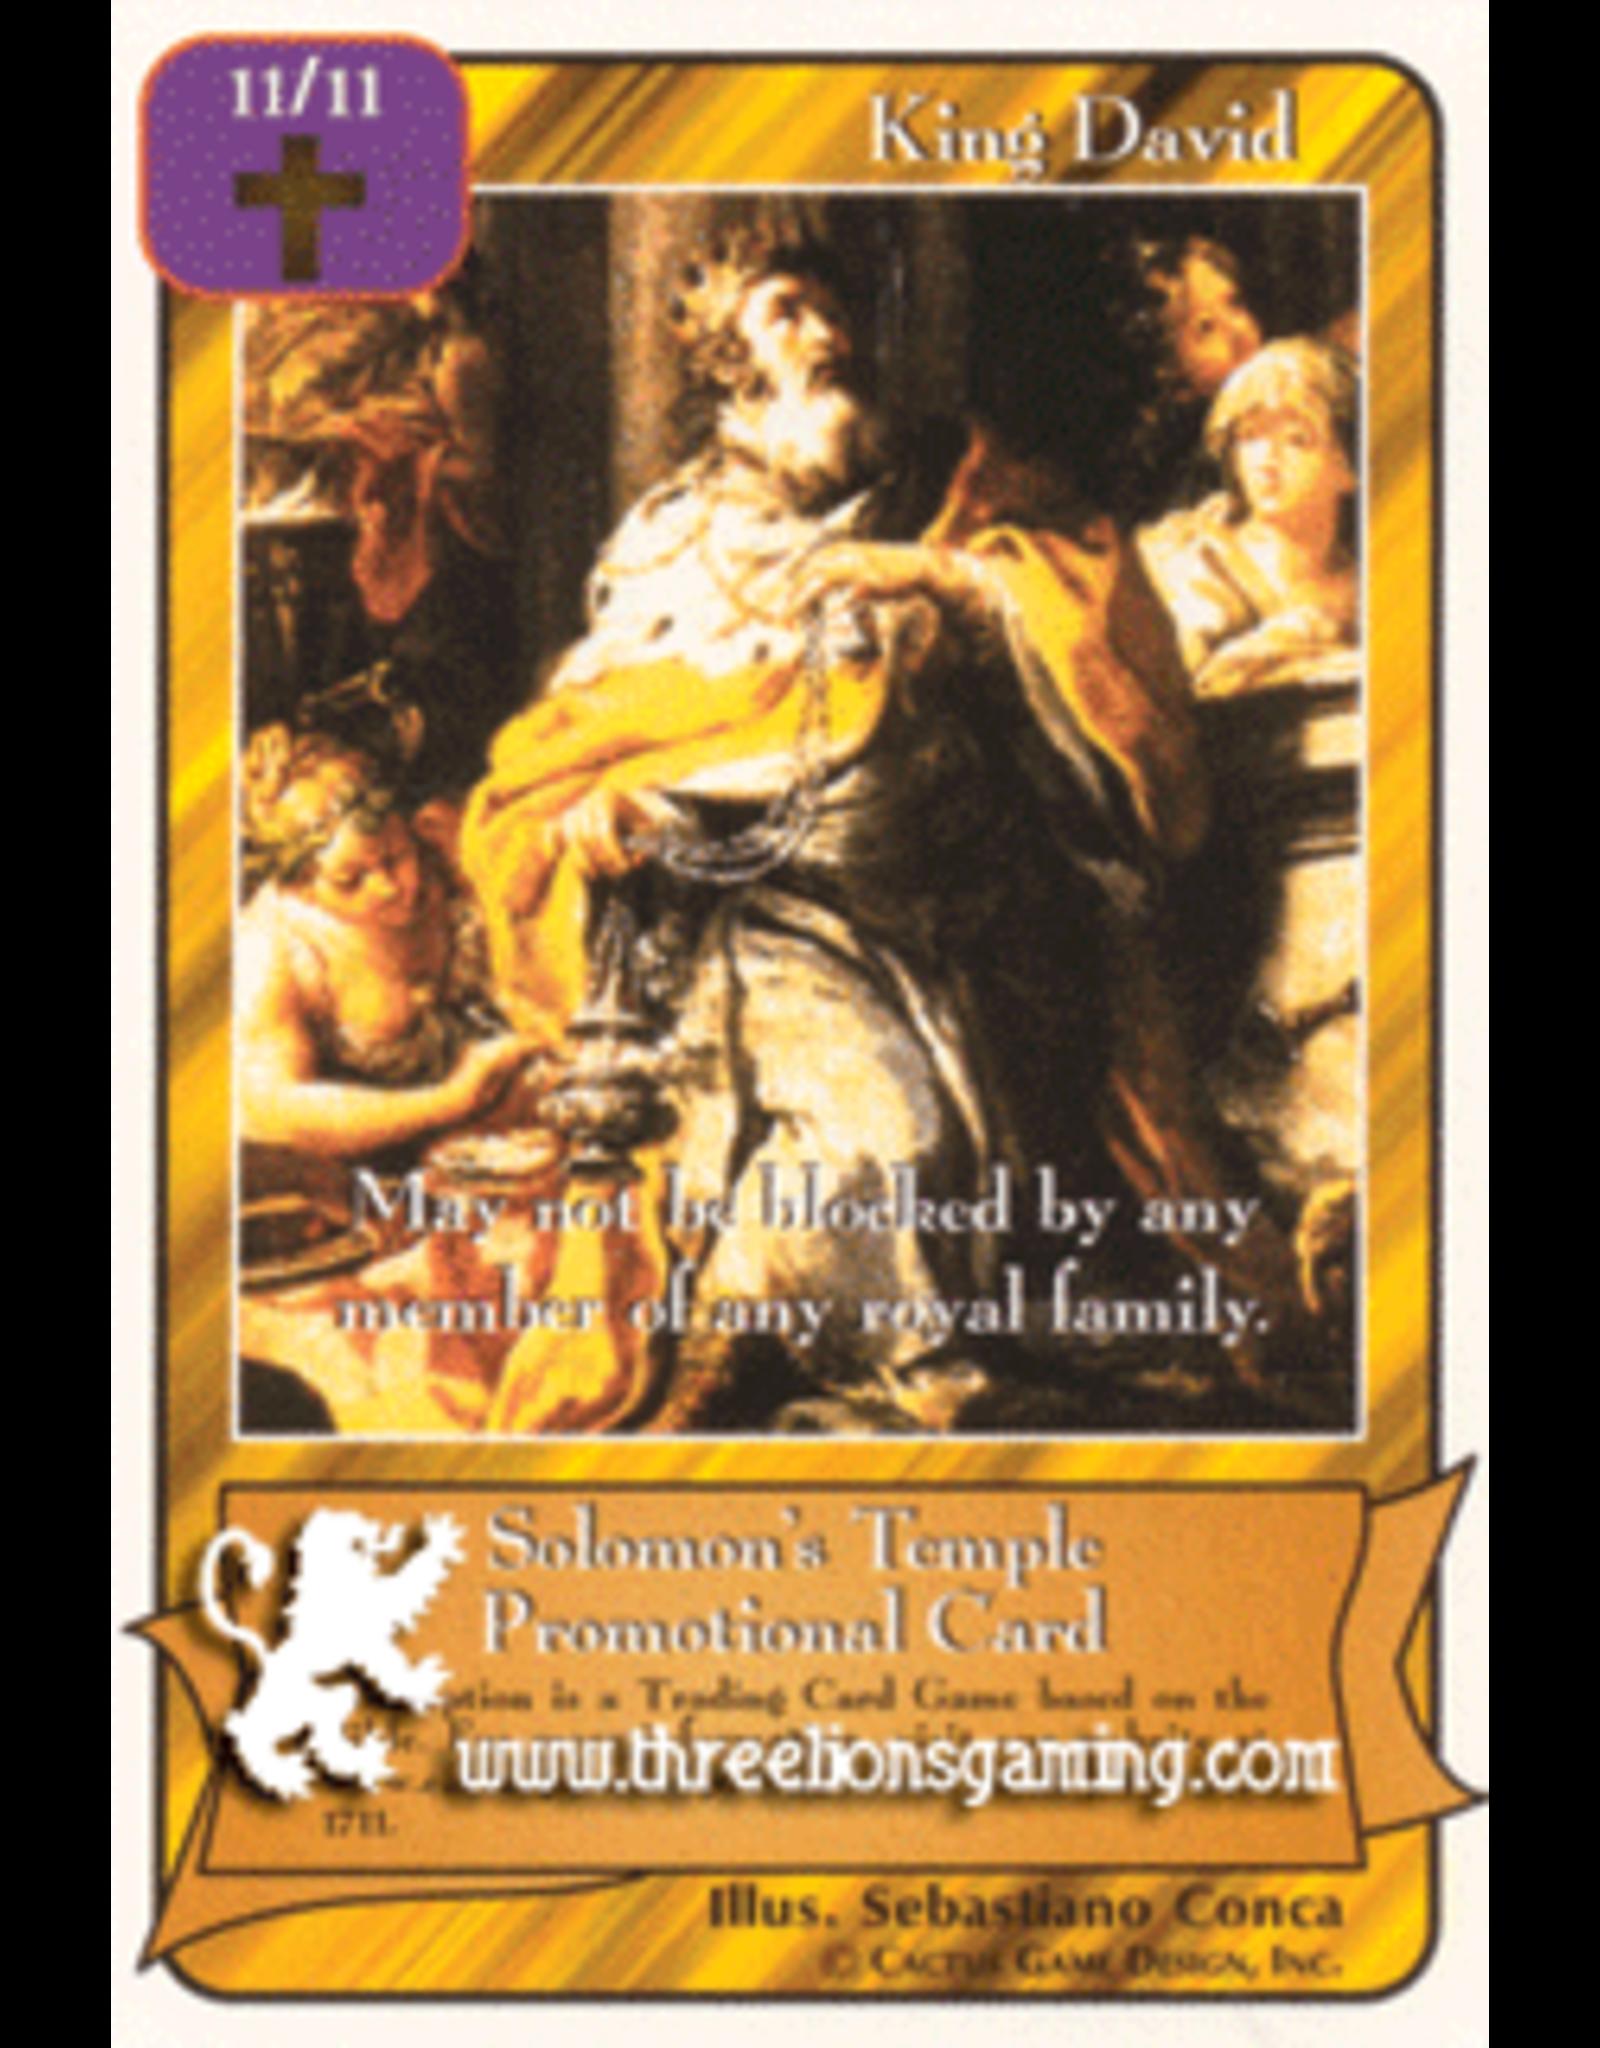 Promo: King David